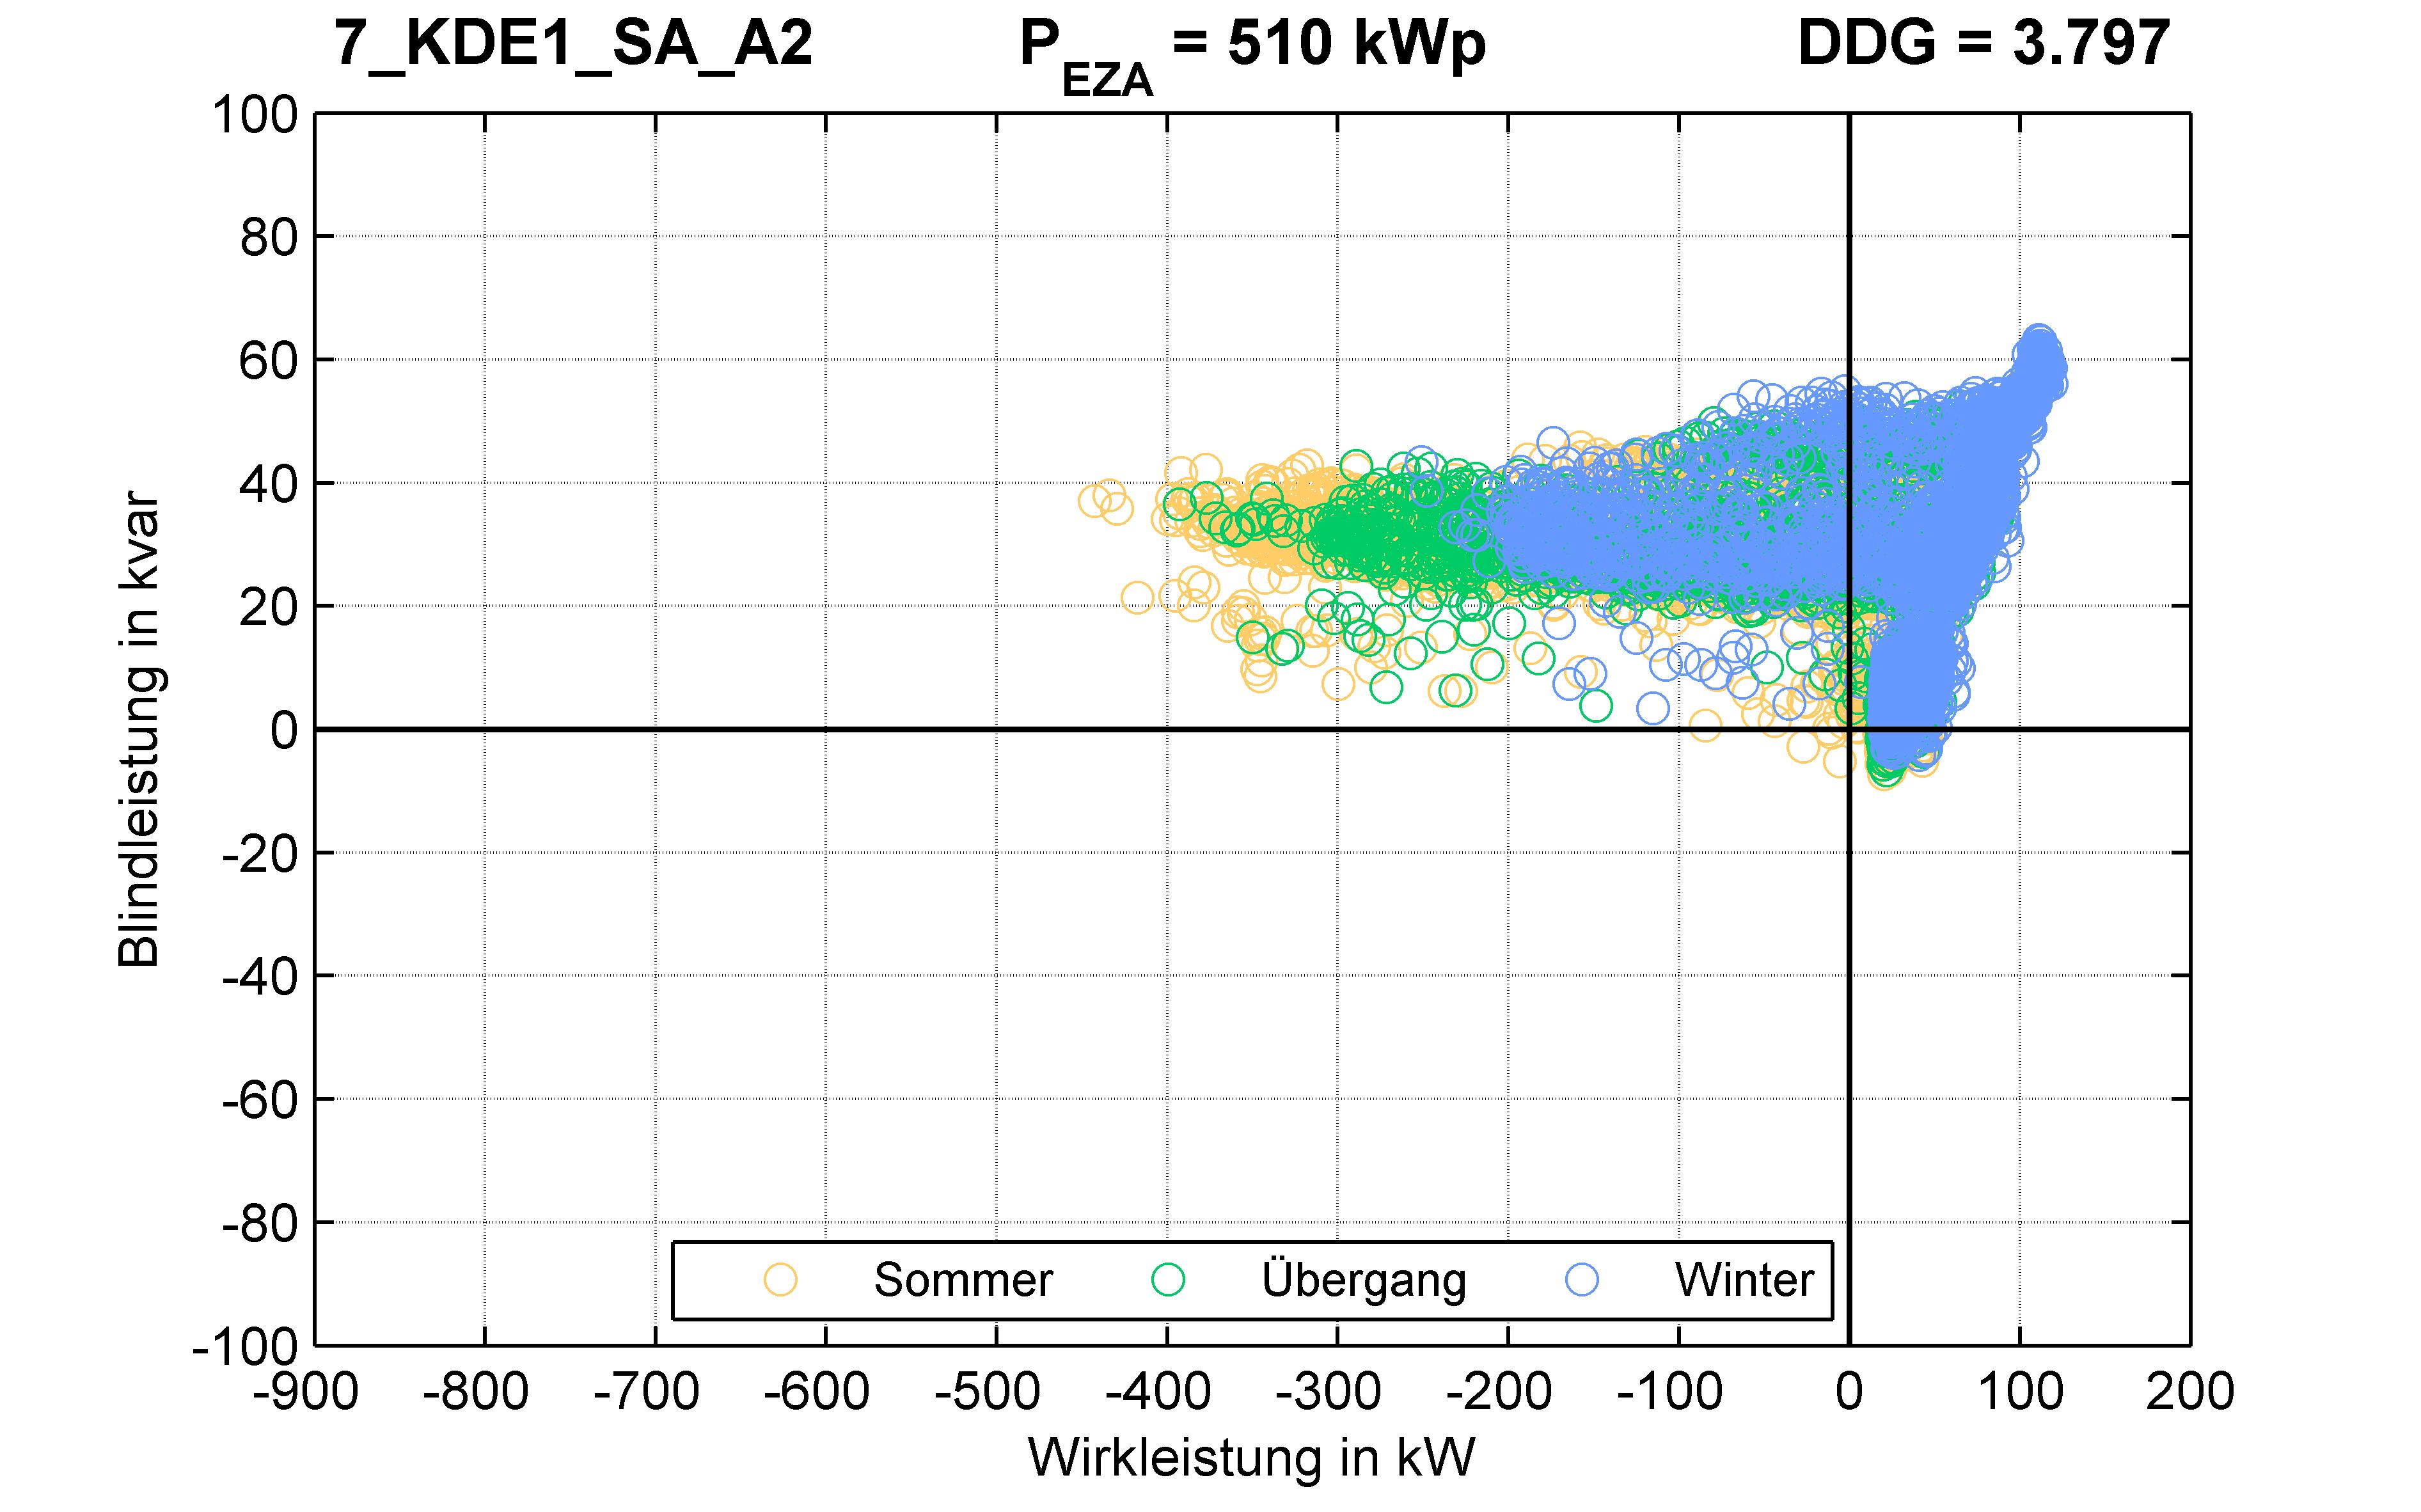 KDE1 | Längsregler (SA) A2 | PQ-Verhalten